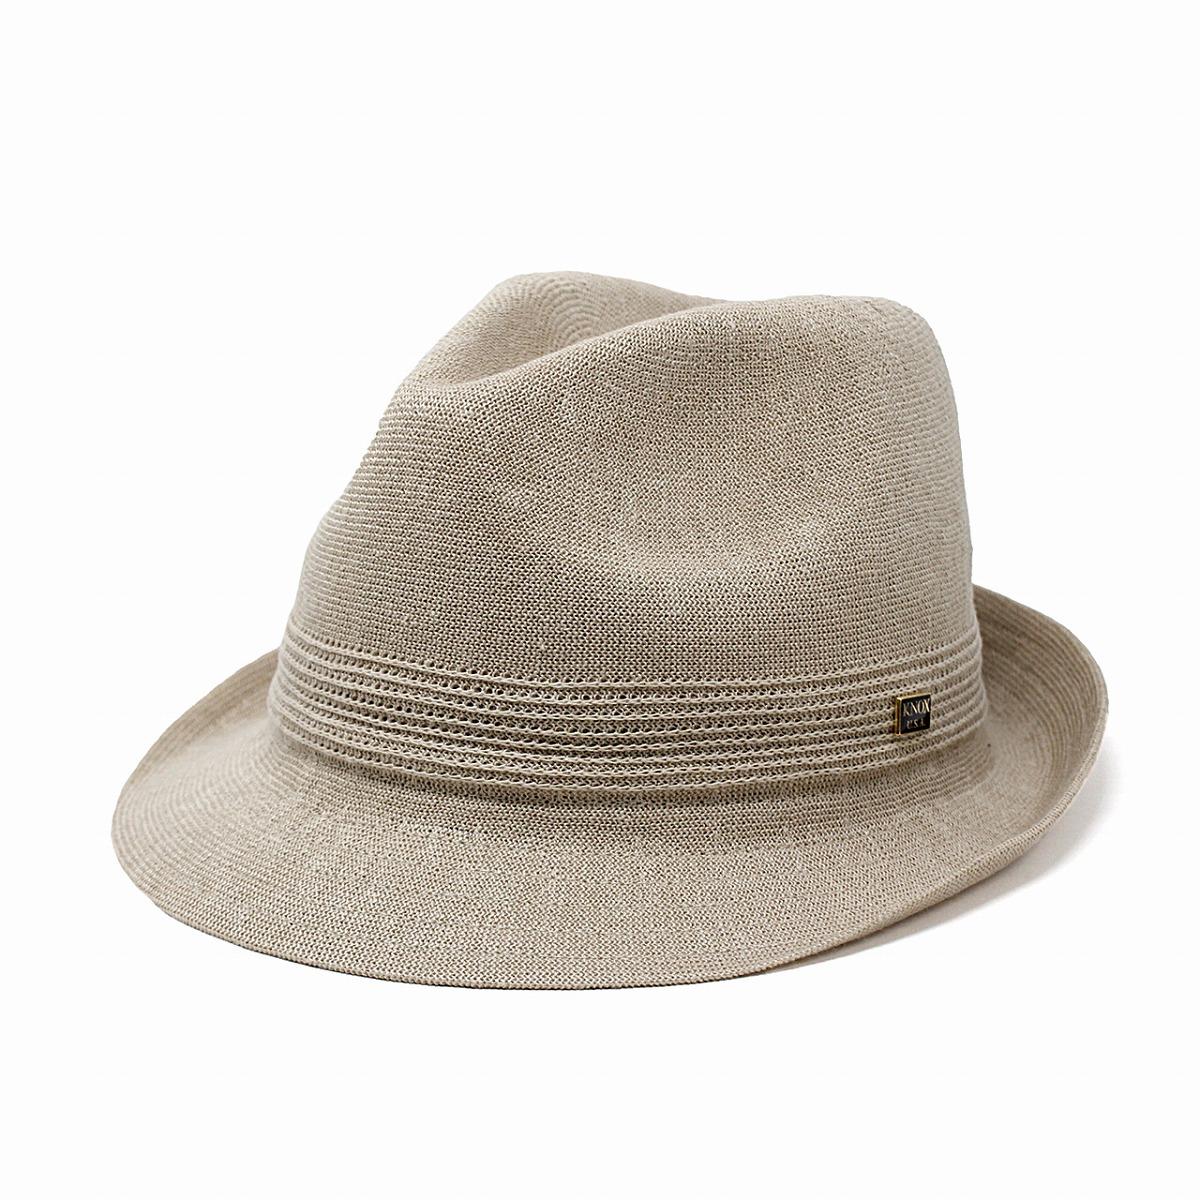 ハット メンズ 春 夏 KNOX 帽子 サーモニット リネン ノックス 中折れハット 麻 通気性が良い 中折れ帽 紳士 涼しい シンプル 無地 日本製 58cm 59.5cm サイズ調整 ショートブリム 中折れ インポート ベージュ[ fedora ]父の日 ギフト プレゼント ラッピング